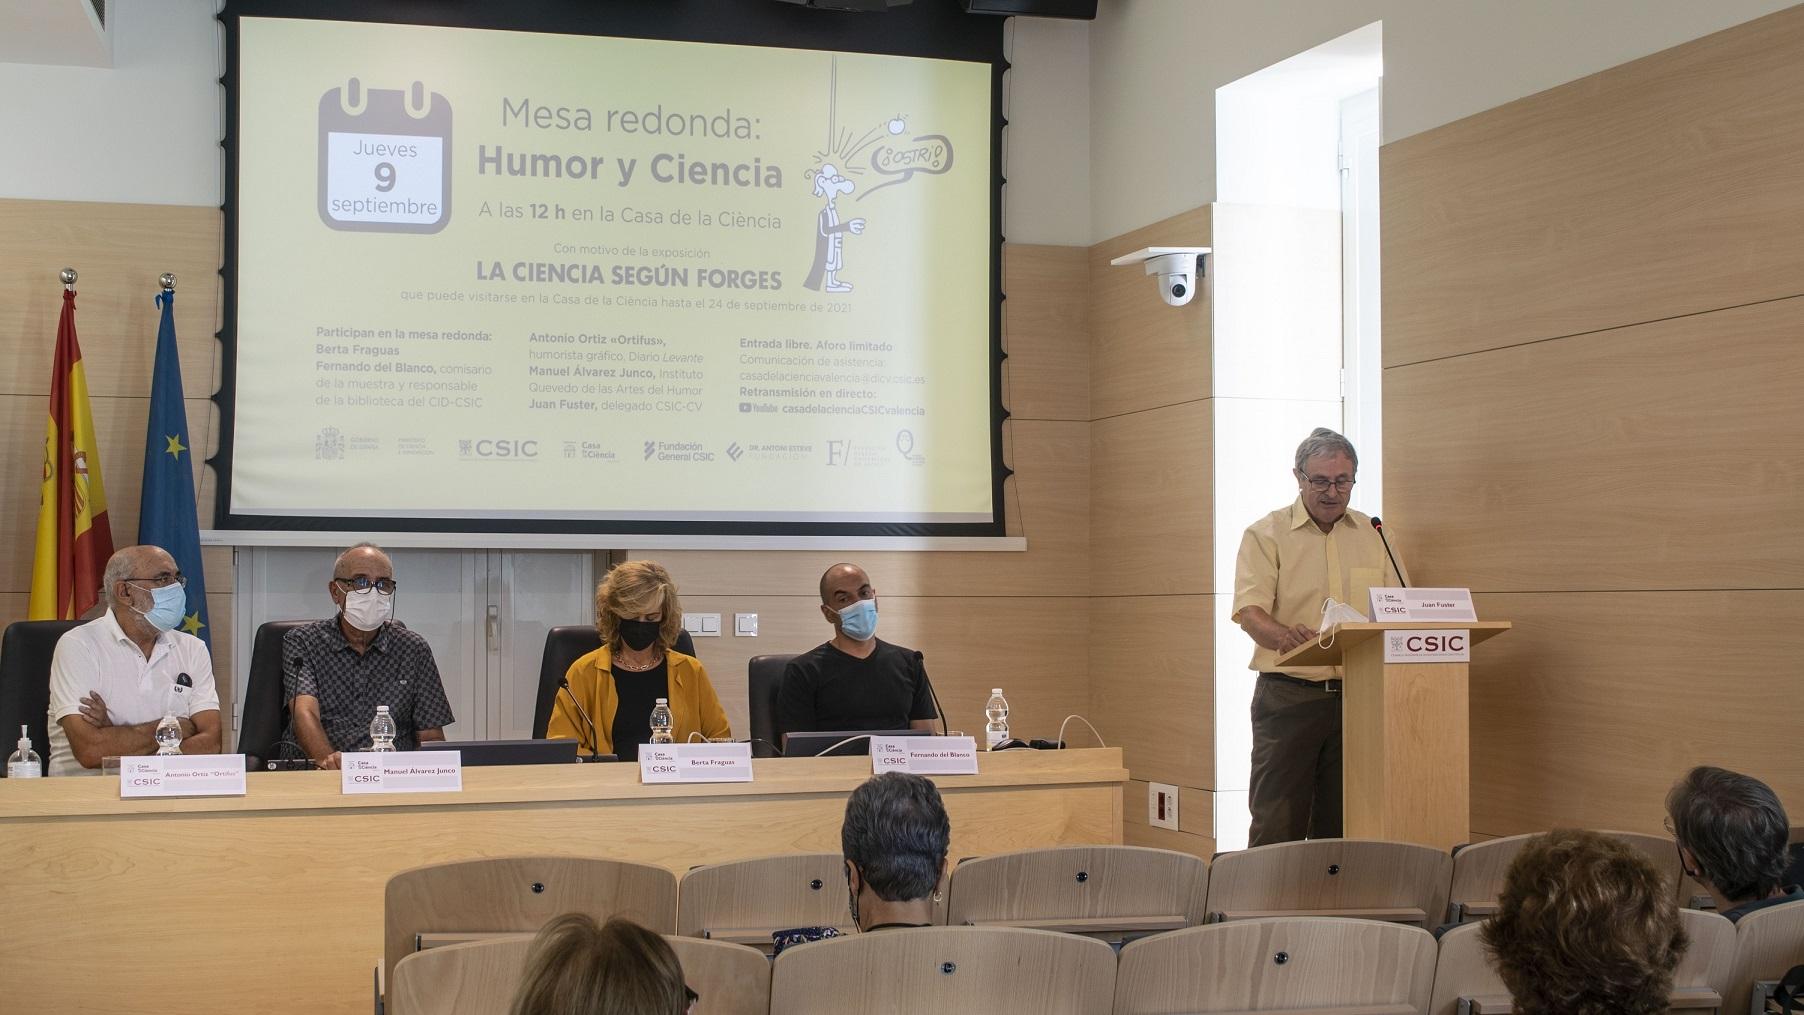 Germán Rodrigo, investigador del IFIC (CSIC-UV)